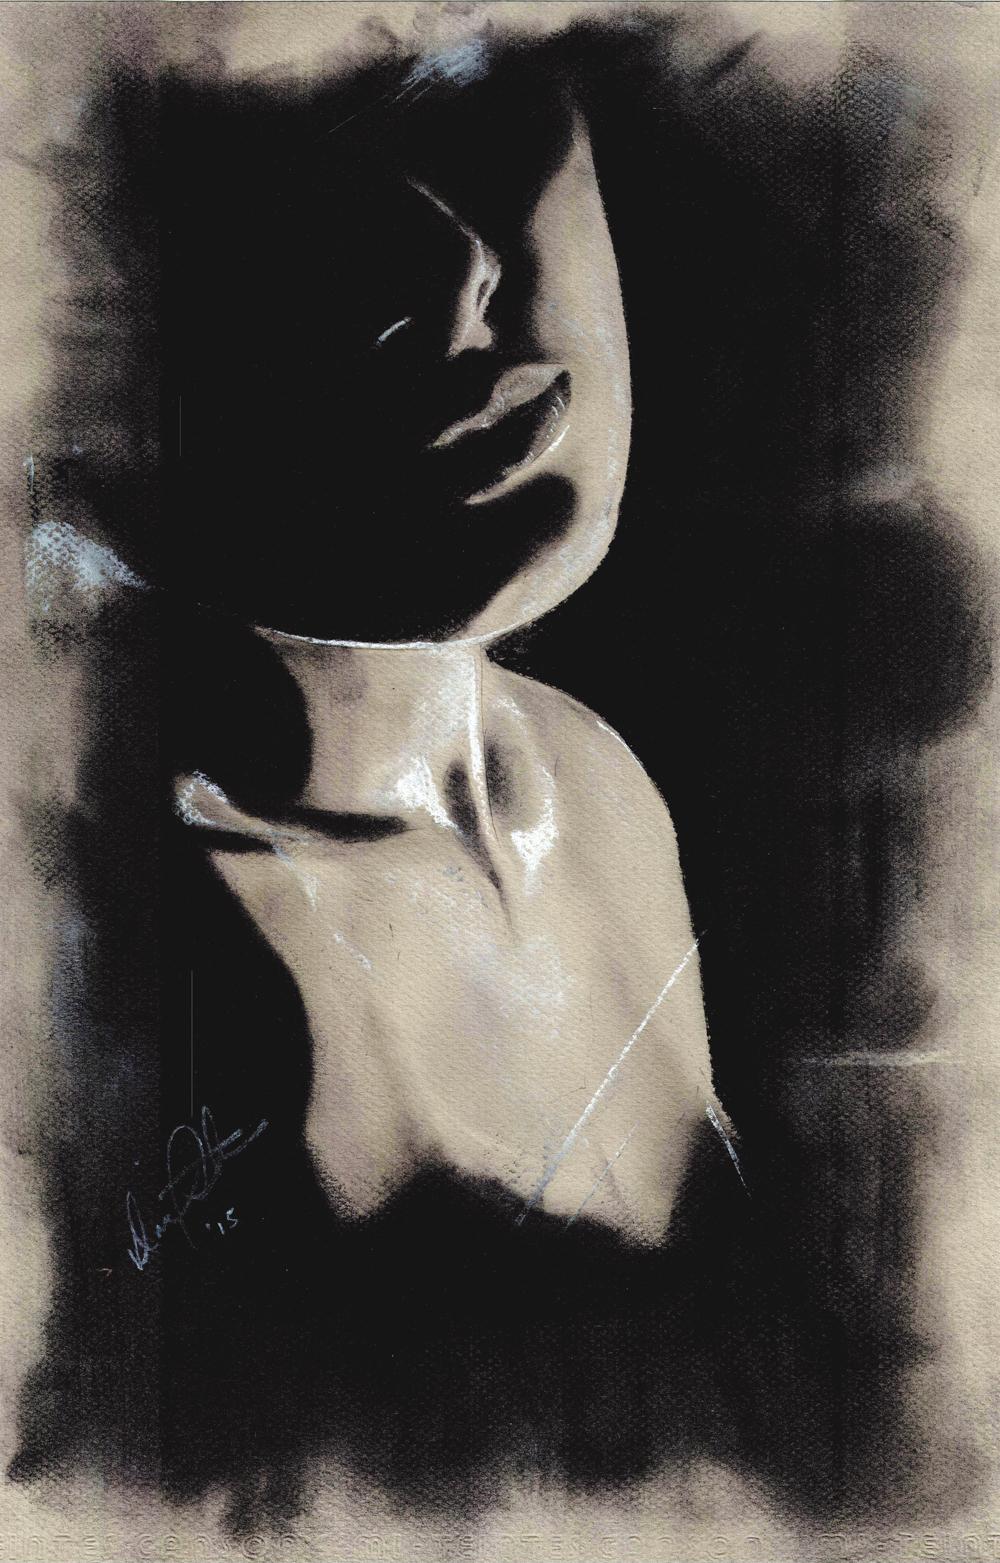 Mystery Woman — Kyra Coates Art